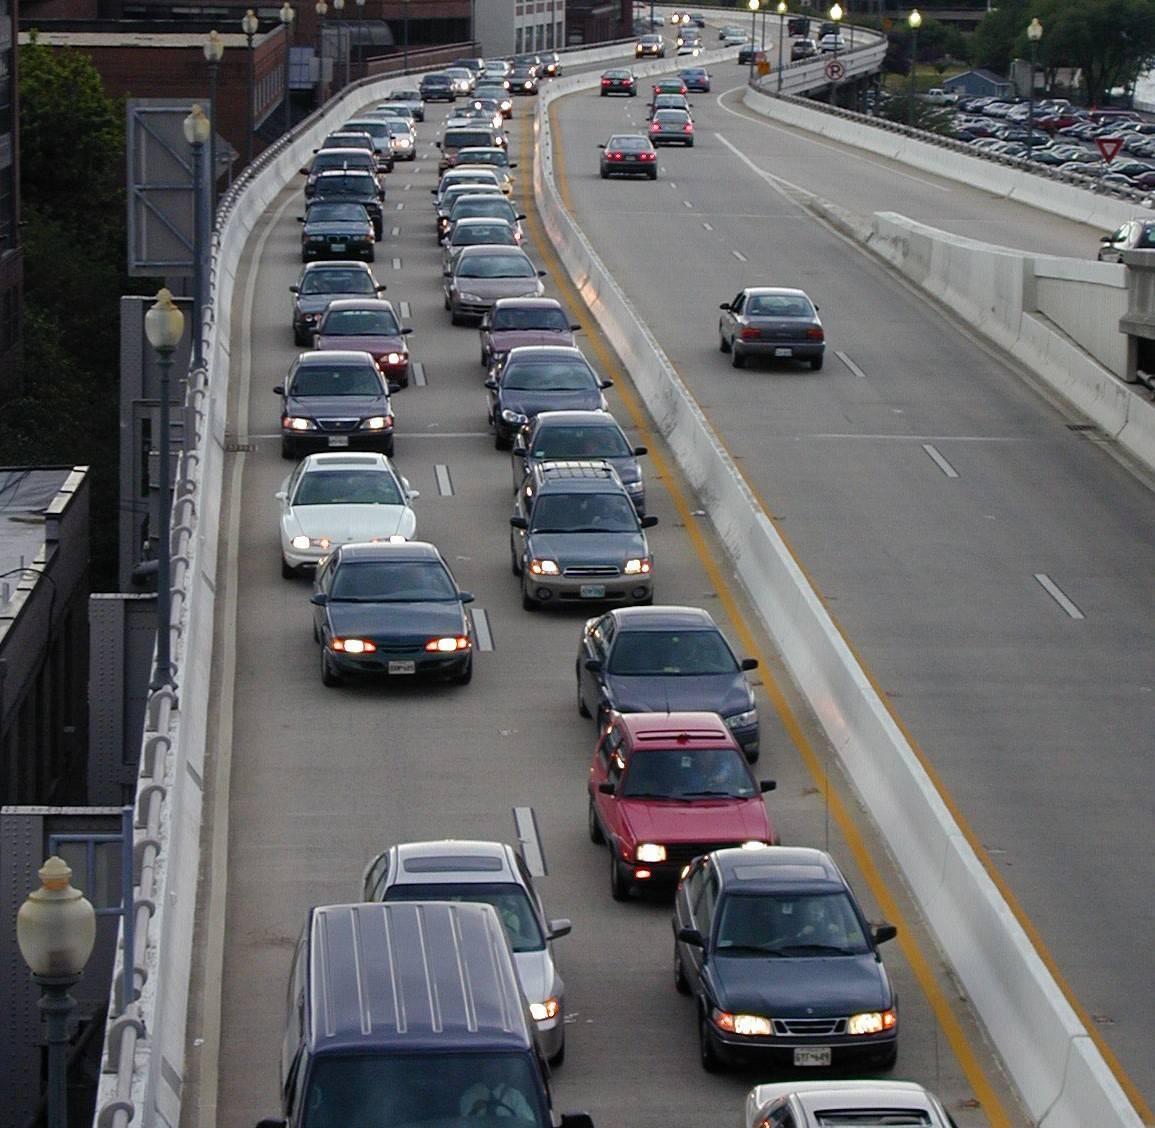 9a176b88ea9ffeadbc09_Highway_Traffic__AAA_Foundation_for_Traffic_Safety_.jpg